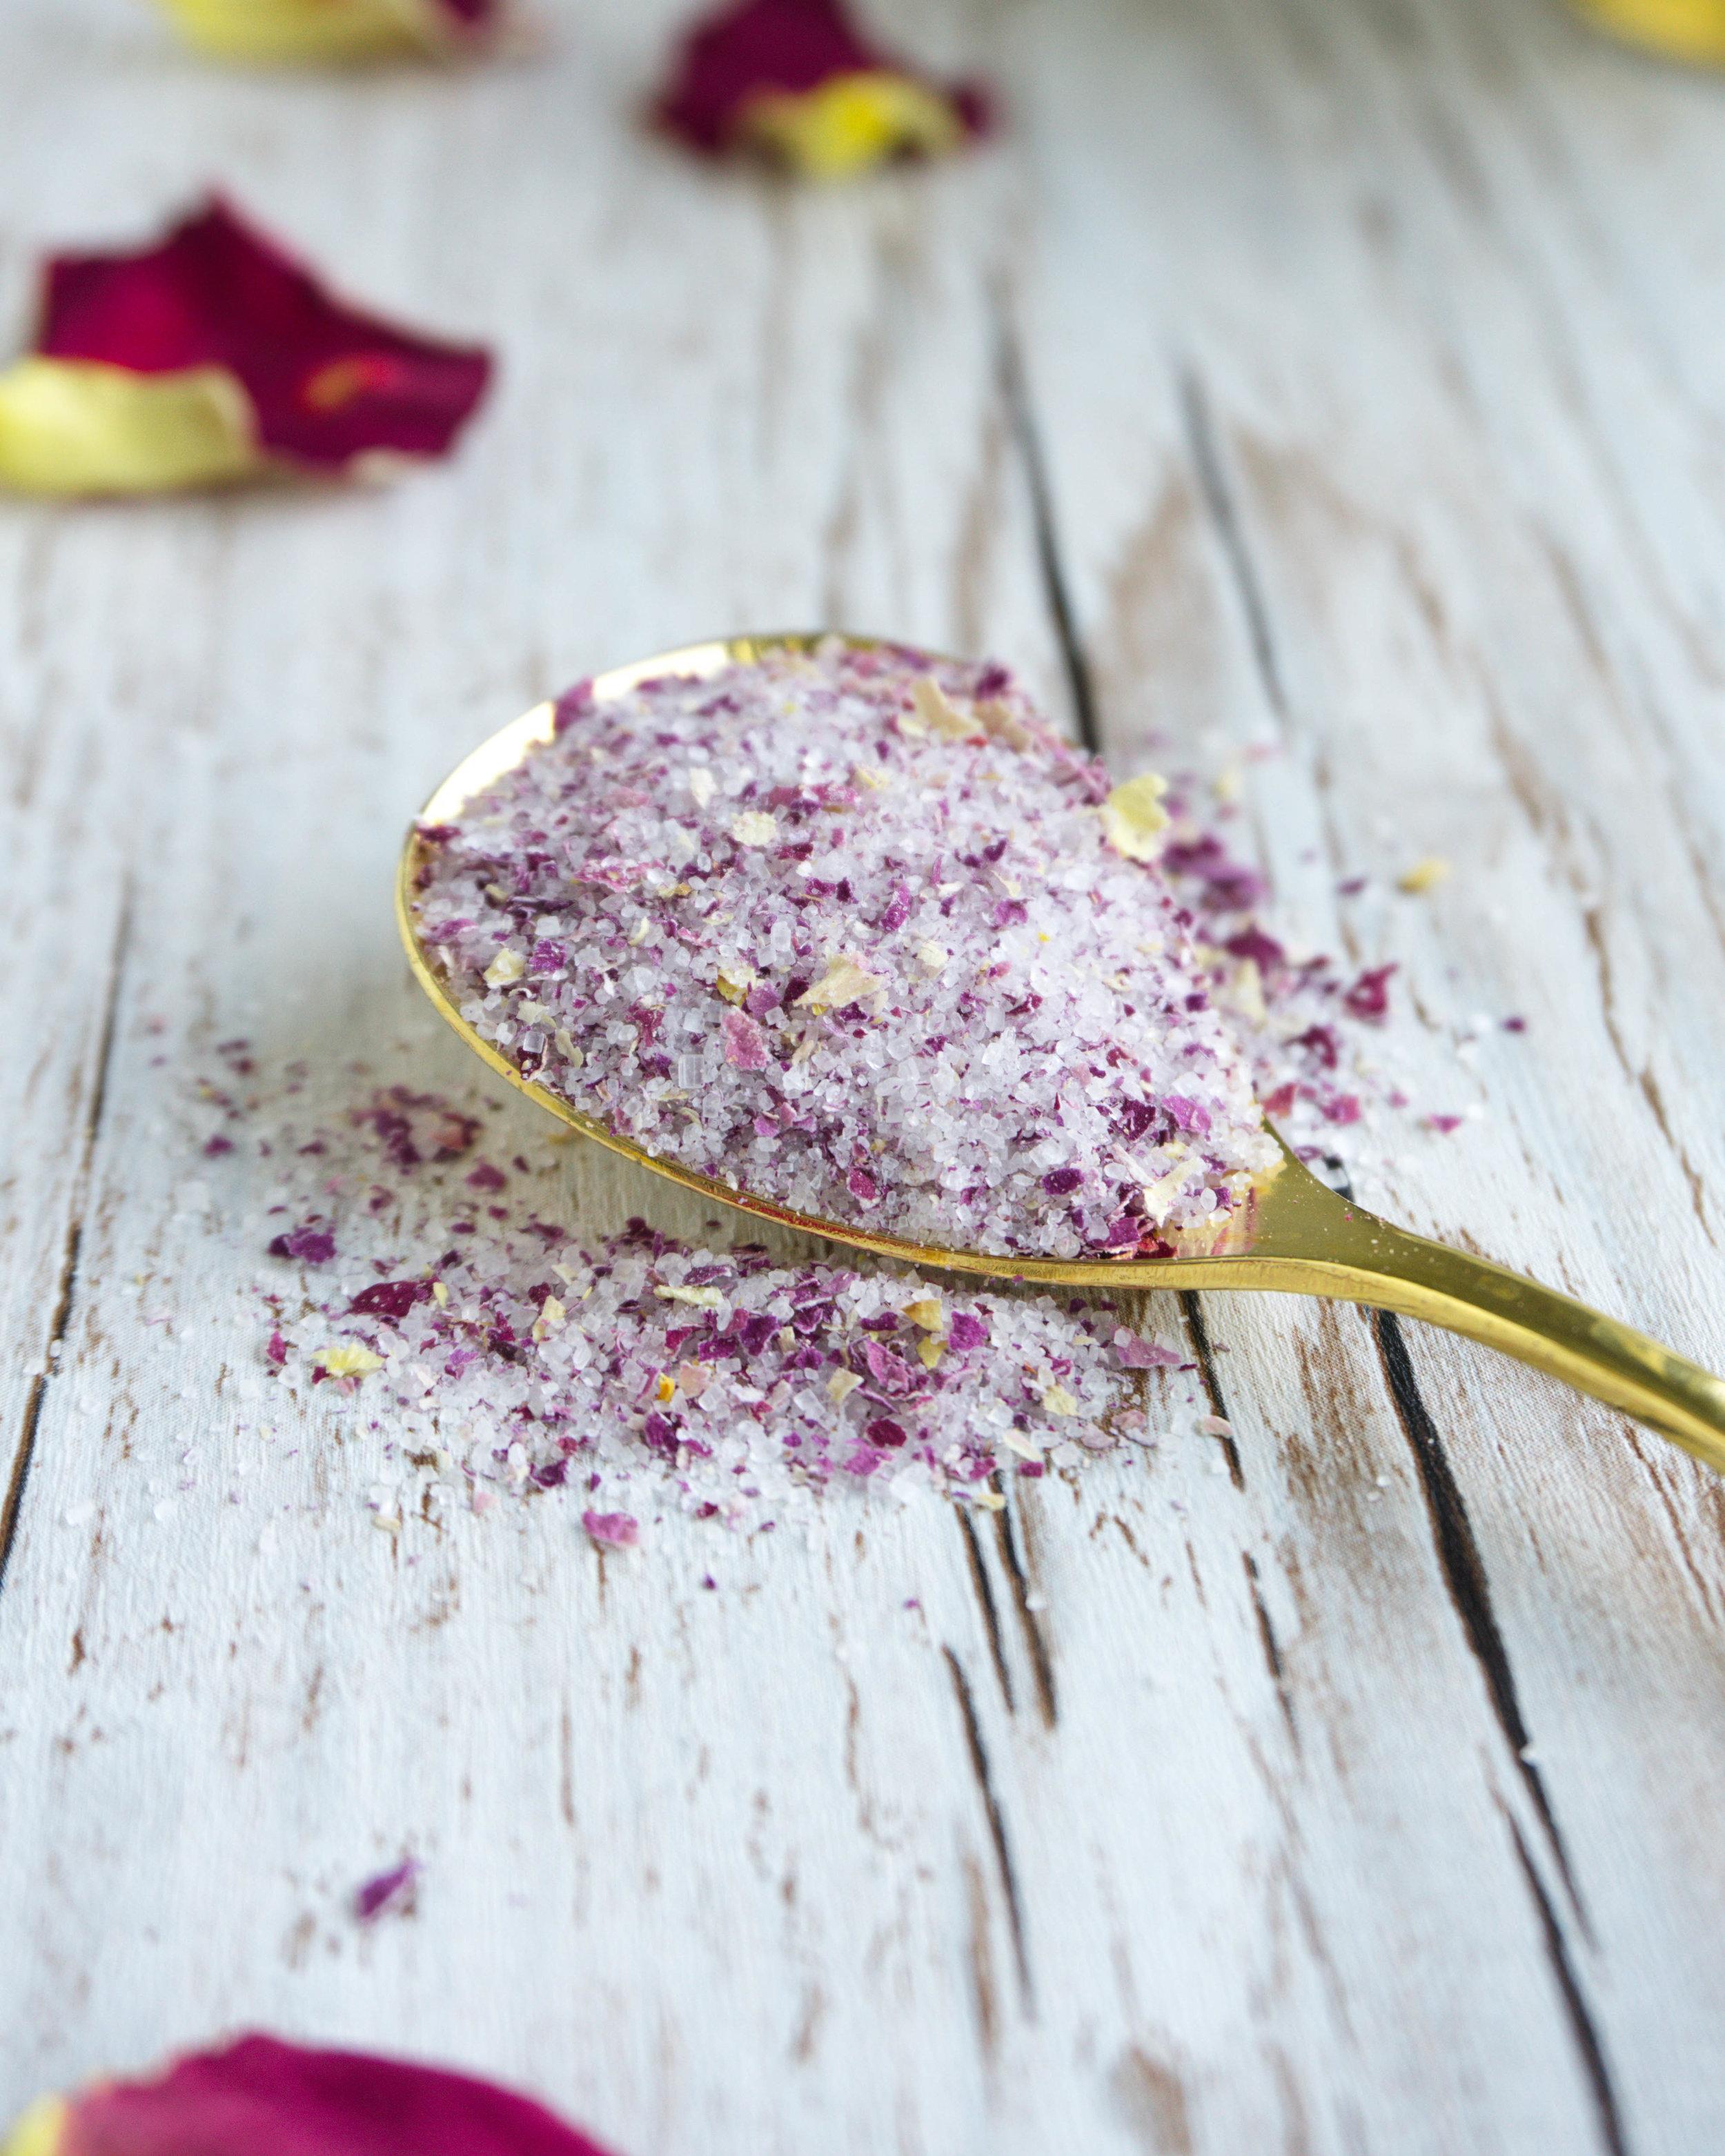 Du brauchst: - 1 Tasse unbehandelte getrocknete Rosen-Blütenblätter½ Tasse Zucker